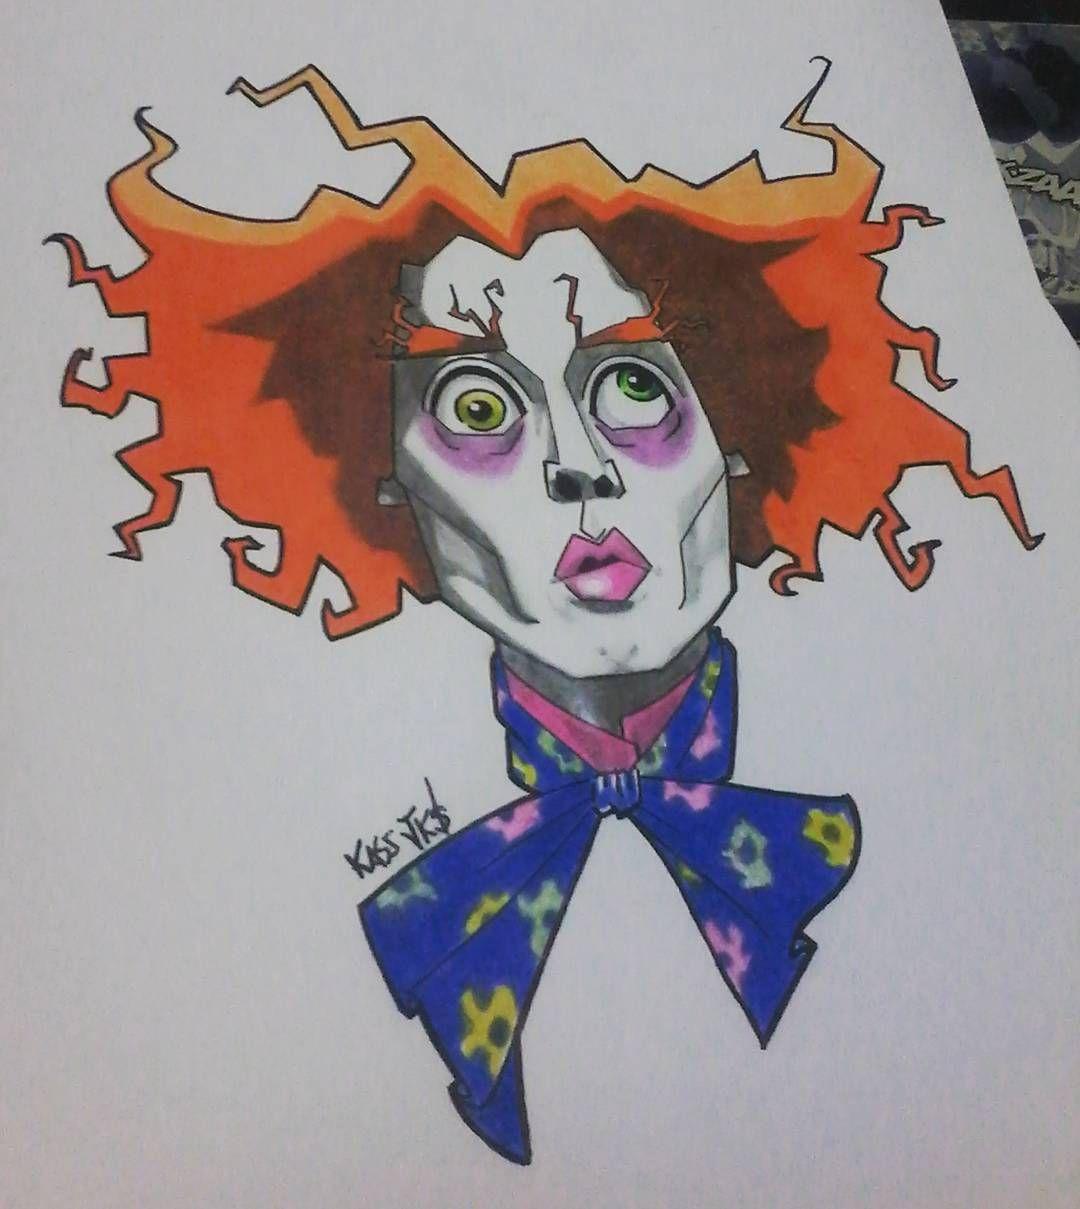 Title Com Imagens Desenho Chapeleiro Maluco Palhaco Desenho